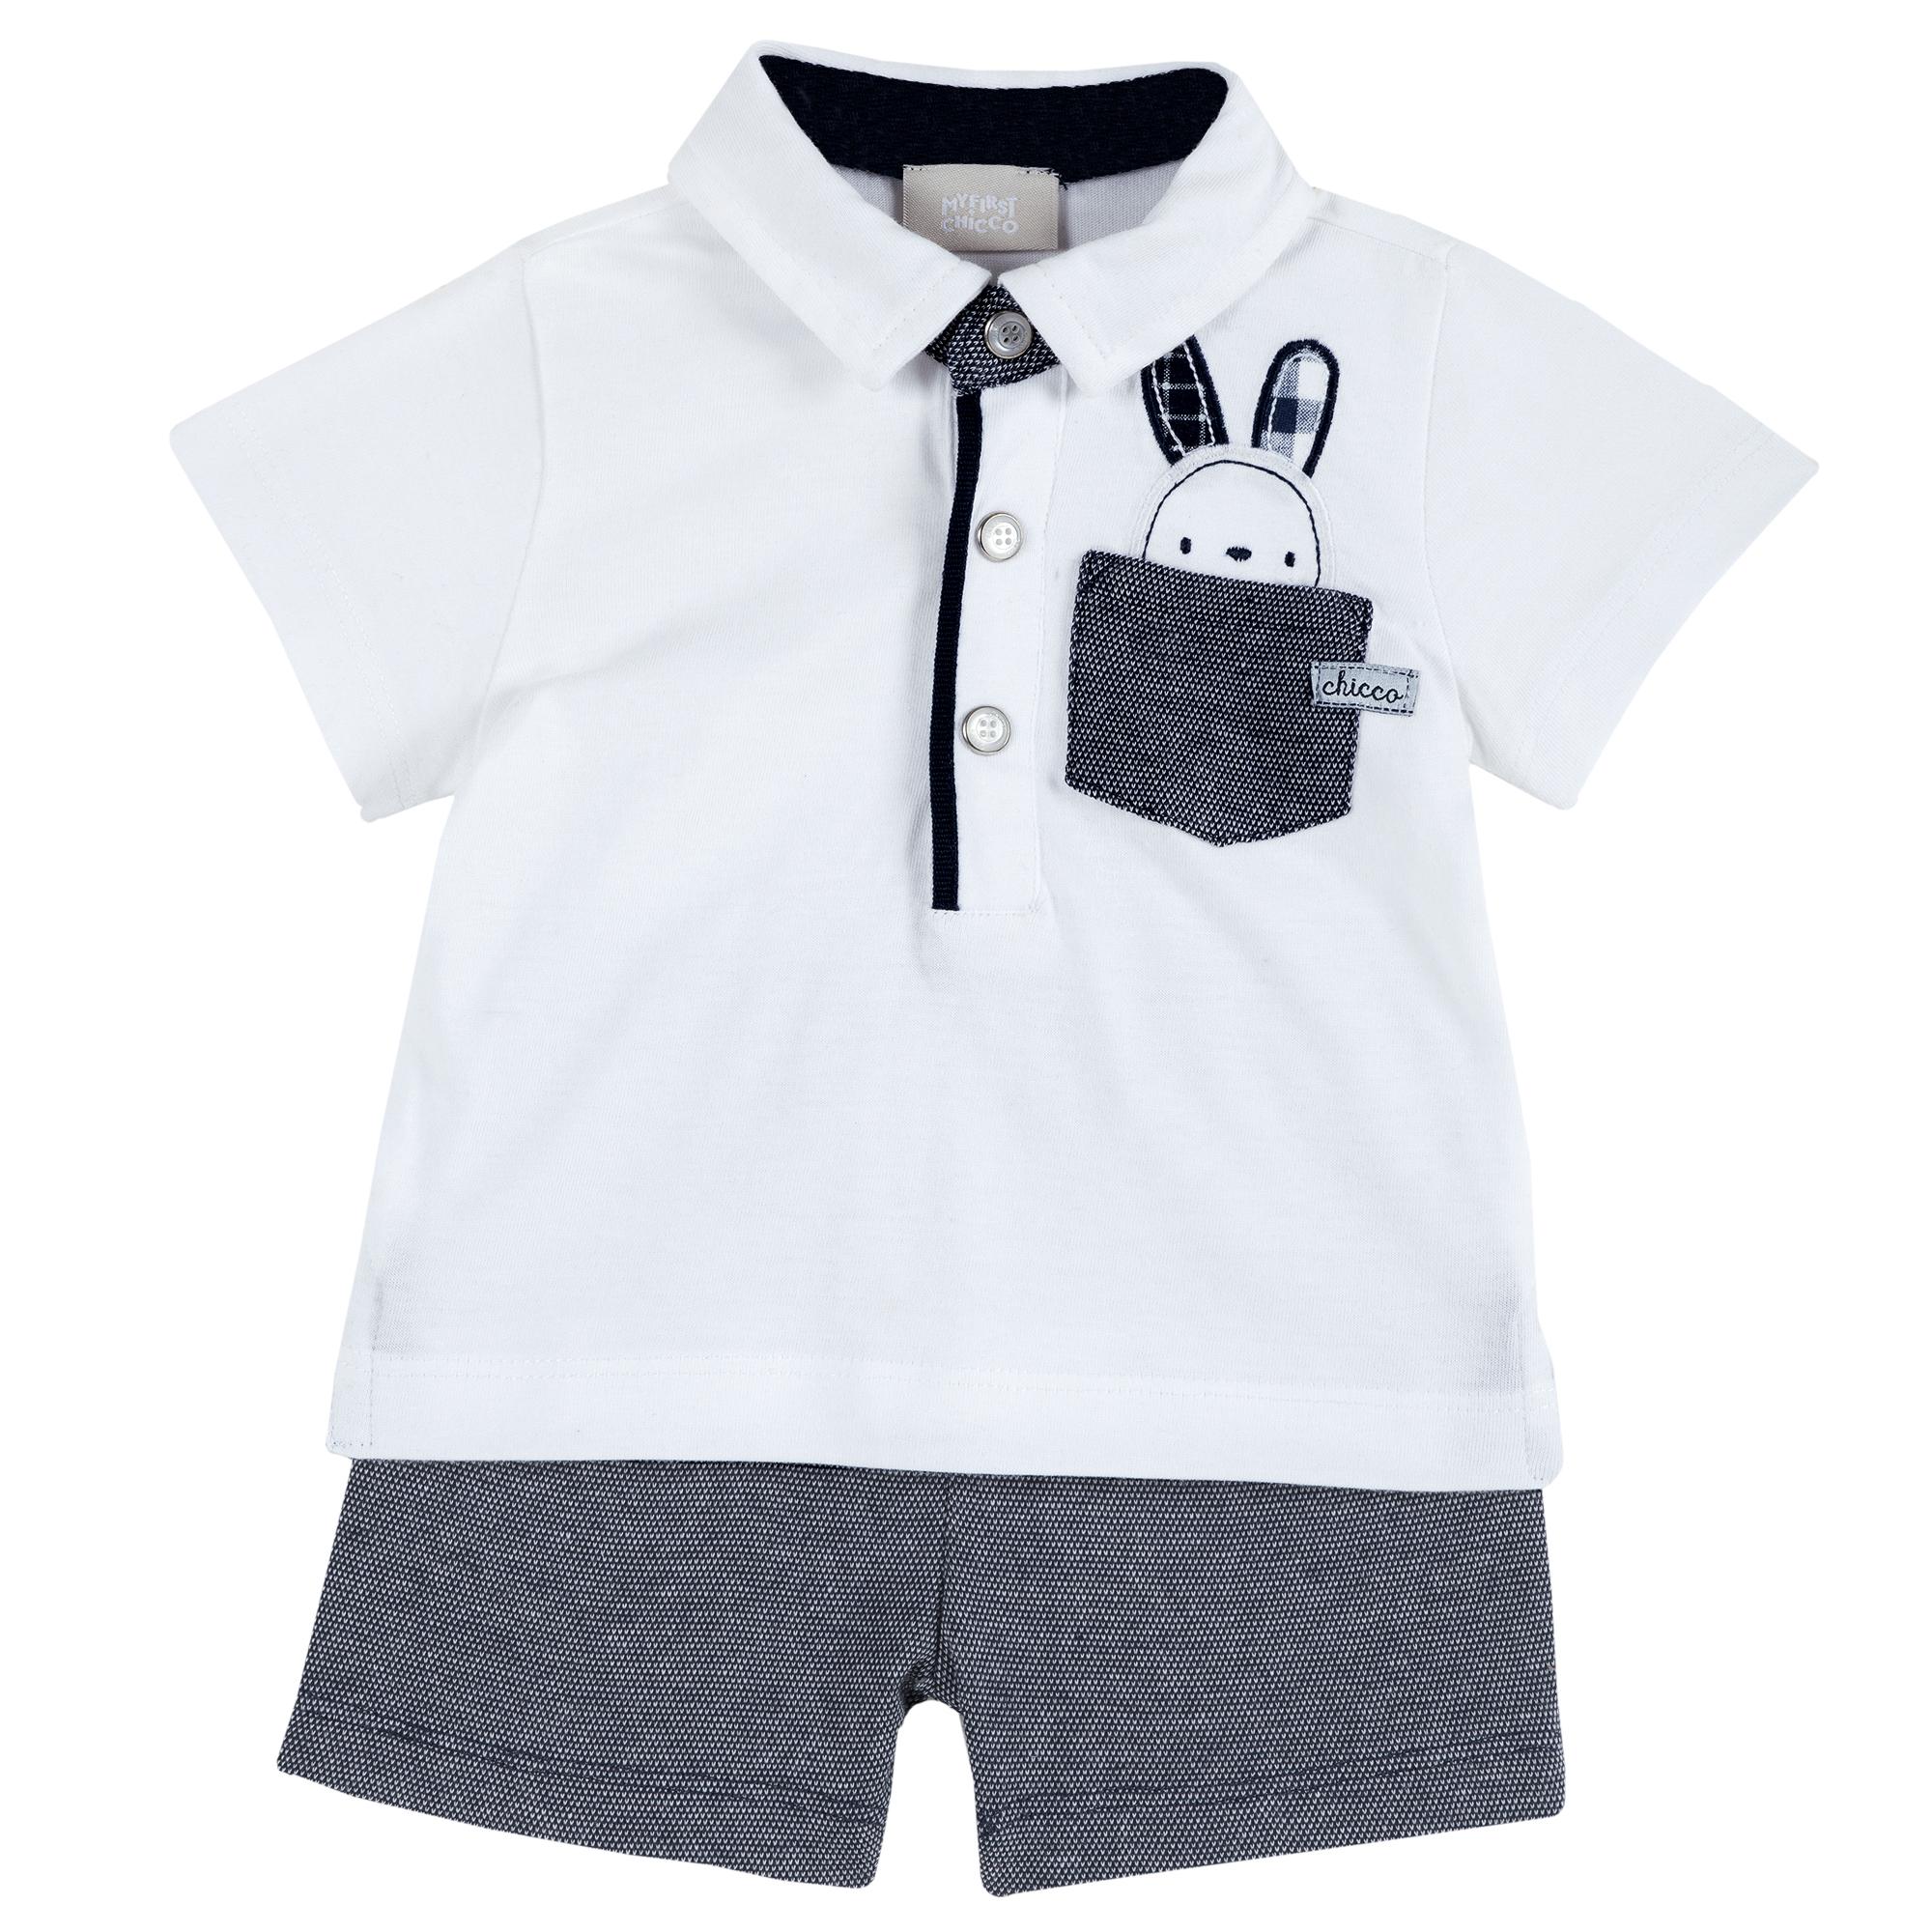 Set Tricou Si Pantalon Scurt Pentru Copii, Chicco, Alb Cu Albastru Inchis, 77895 imagine